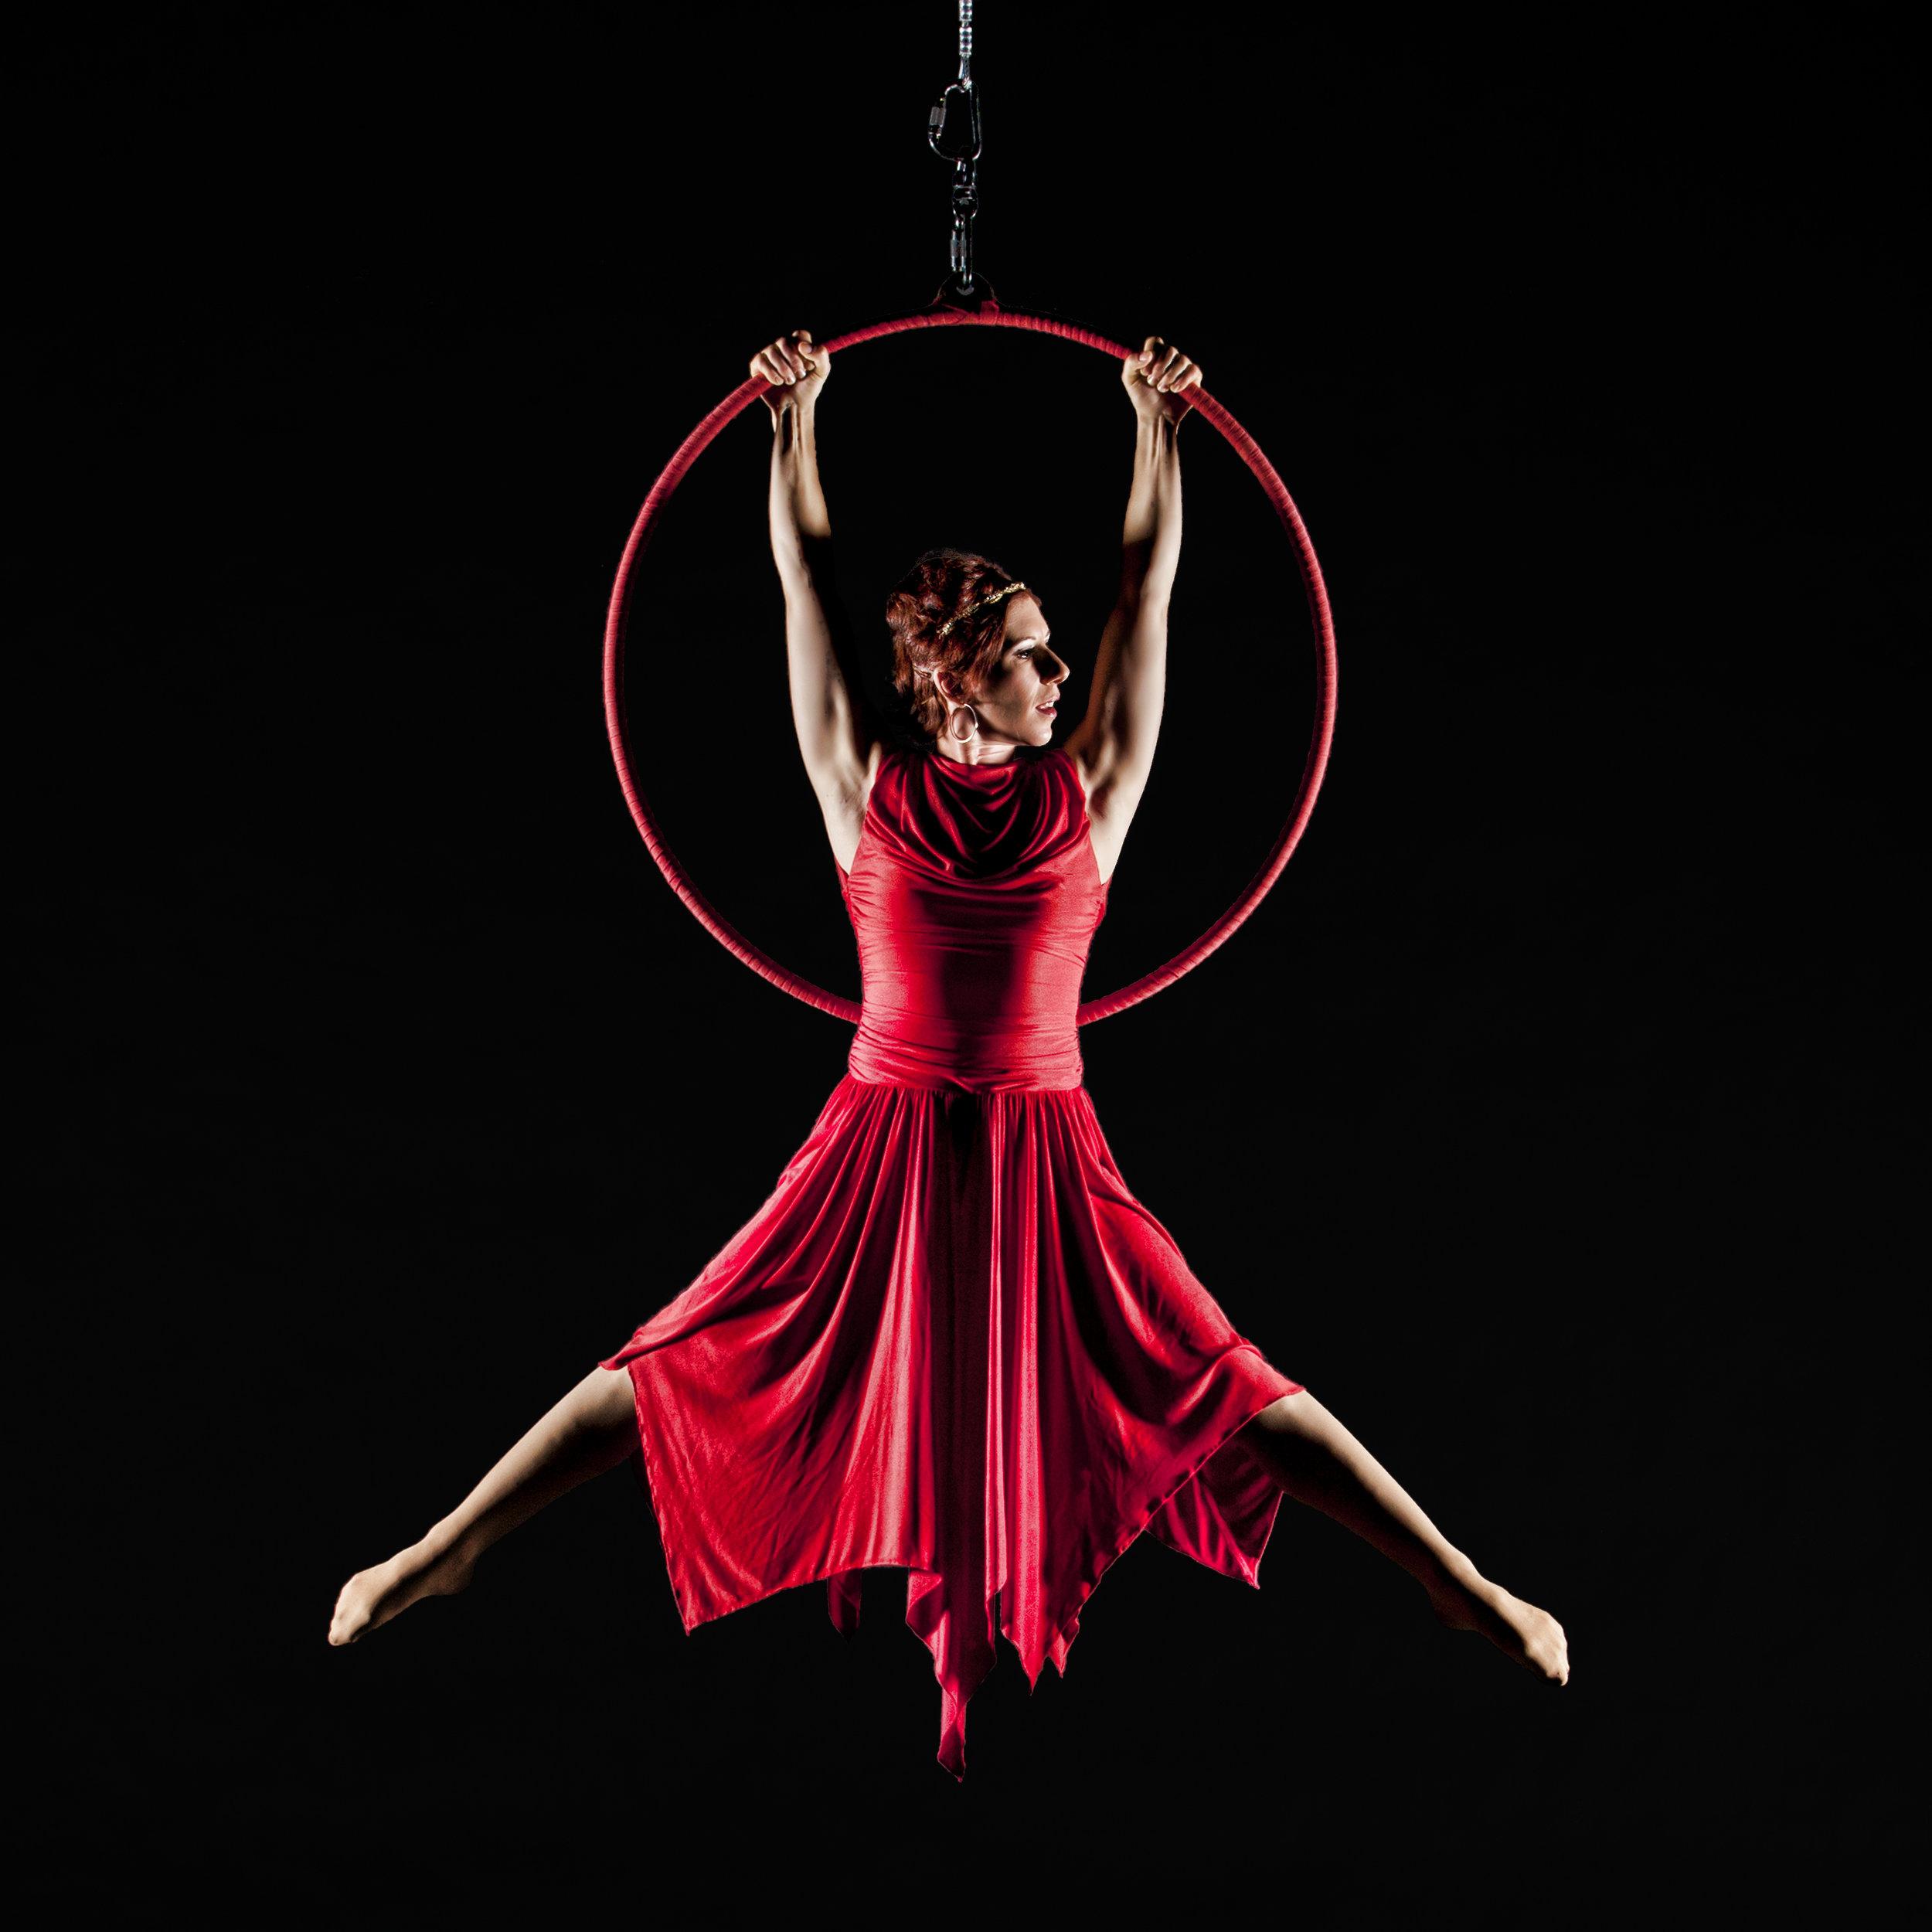 Cirque-de-la-Symphonie_Aloysia-Gavre-Aerial-Hoop-8.jpg